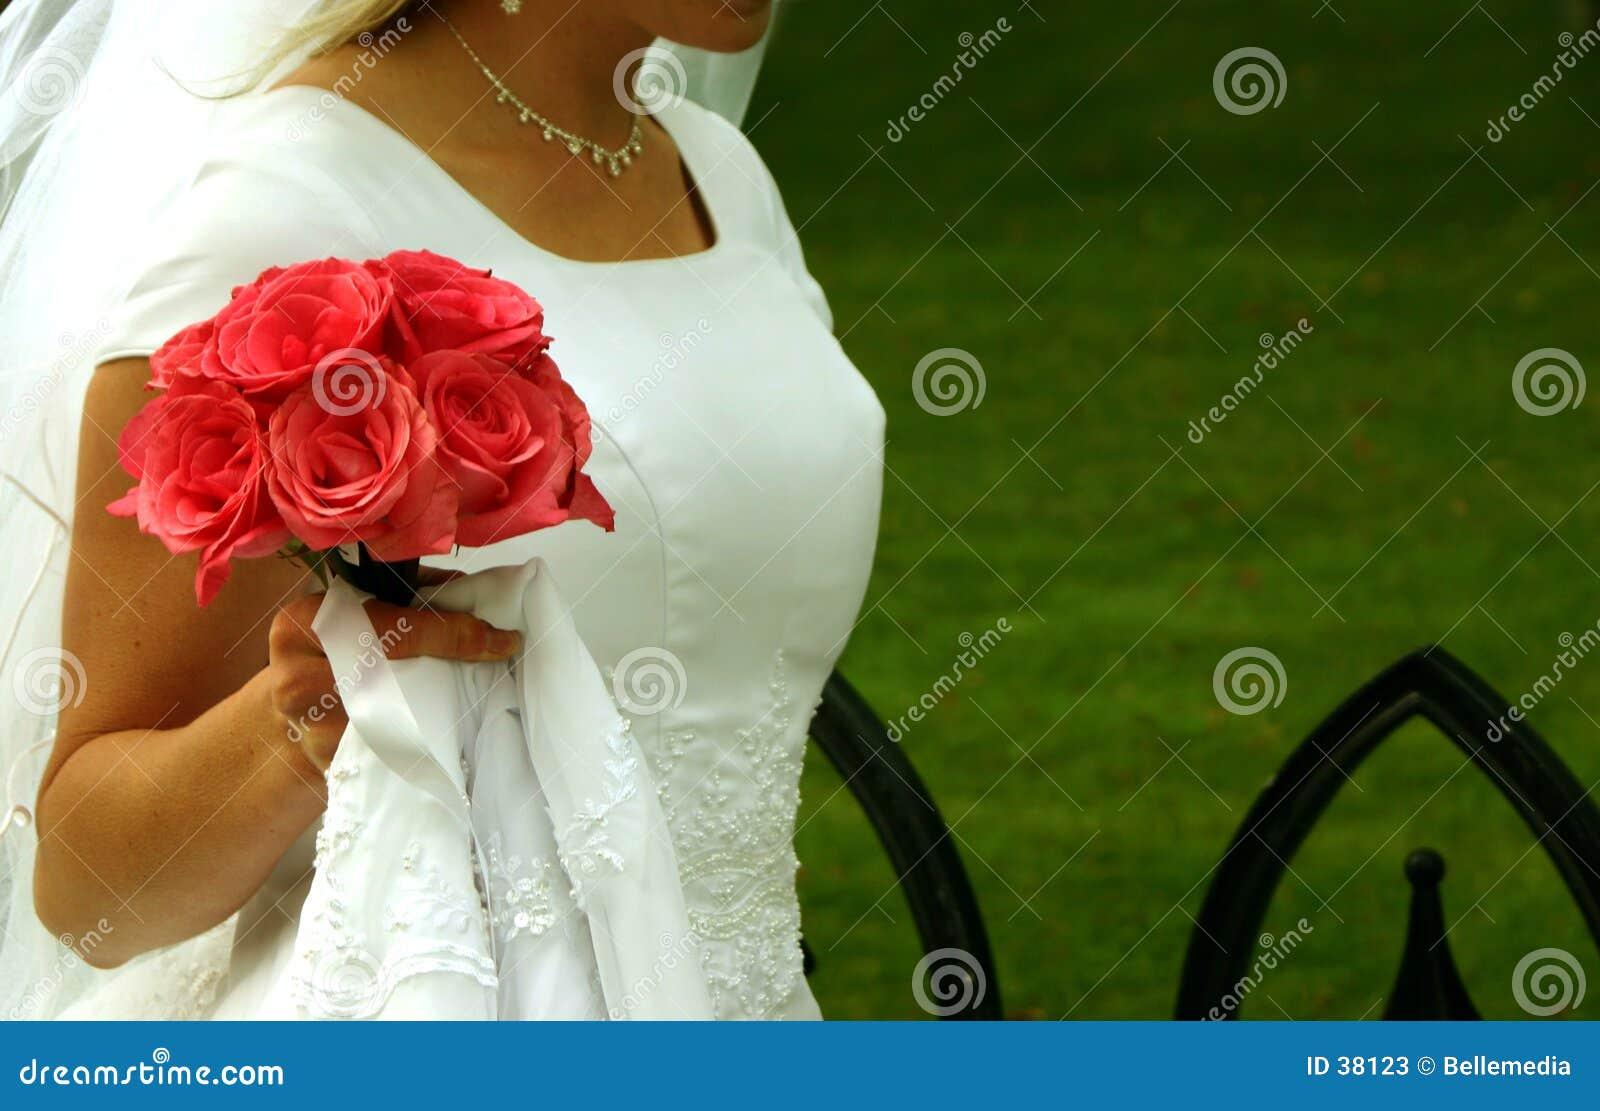 Mariée marchant avec ses fleurs